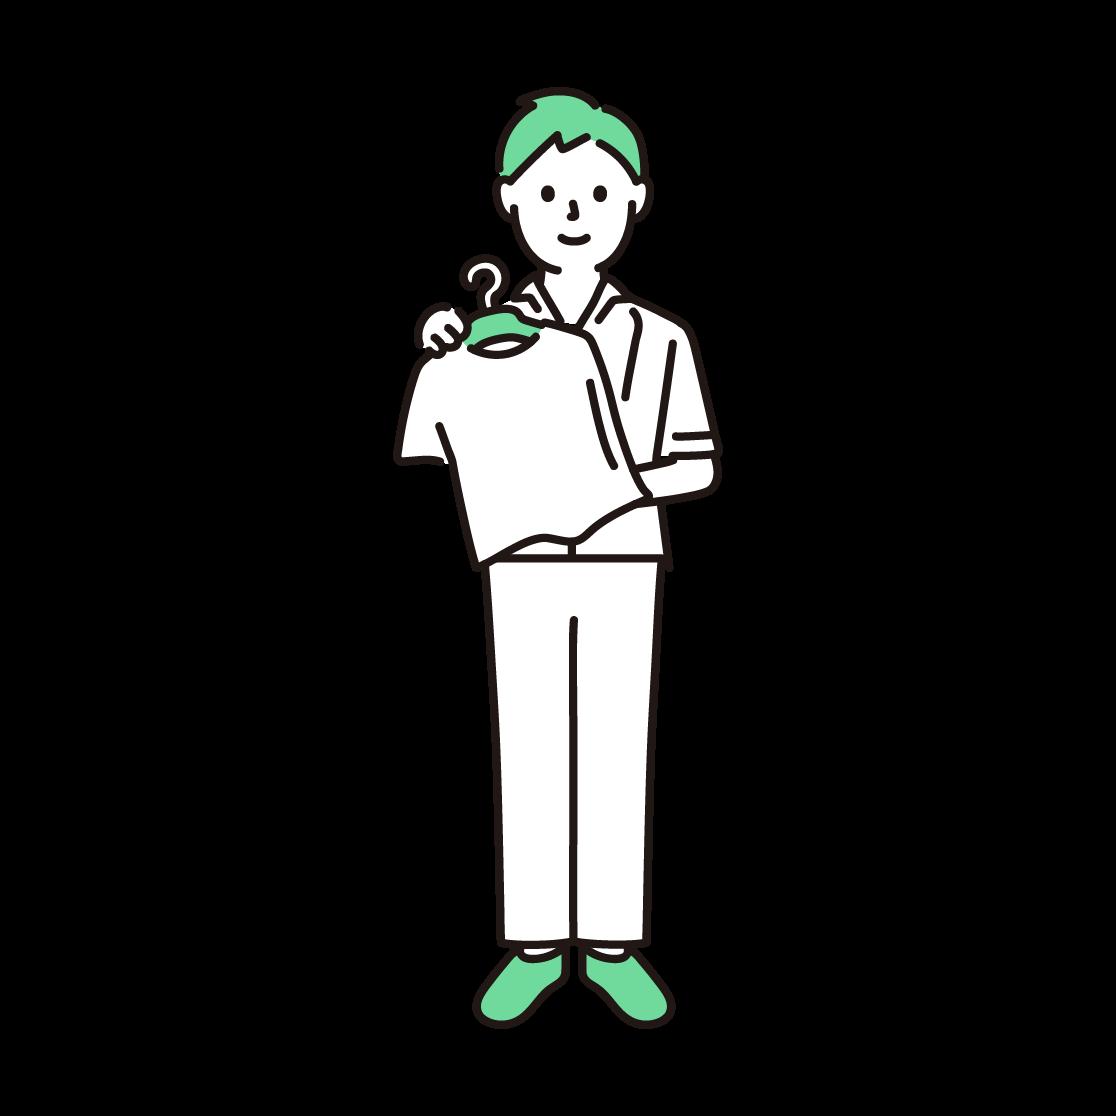 アパレル店員(男性)の単色イラスト